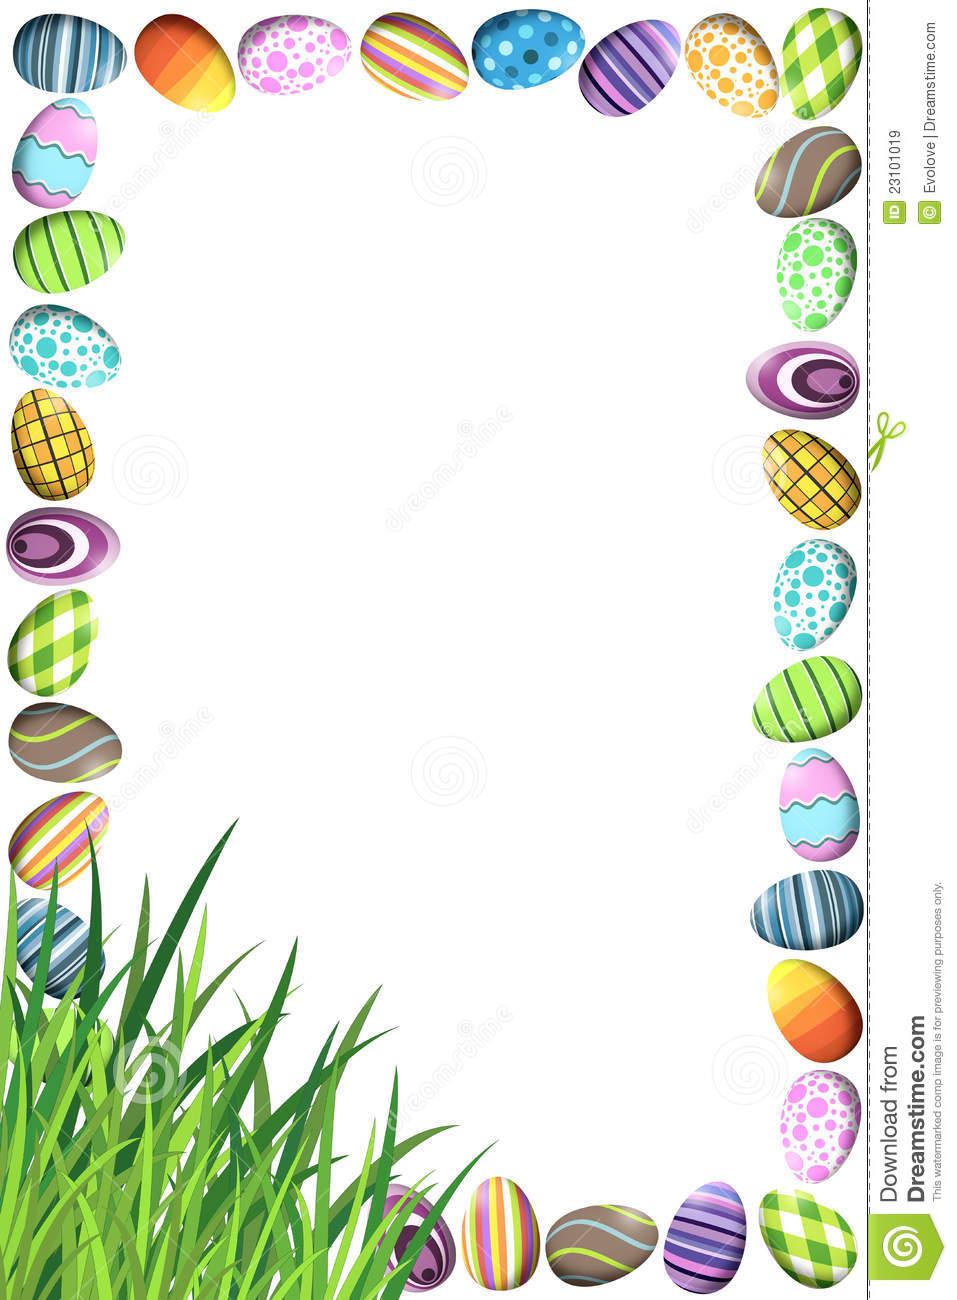 Easter egg hunt clipart border svg royalty free library Easter egg hunt clipart border - ClipartFest svg royalty free library